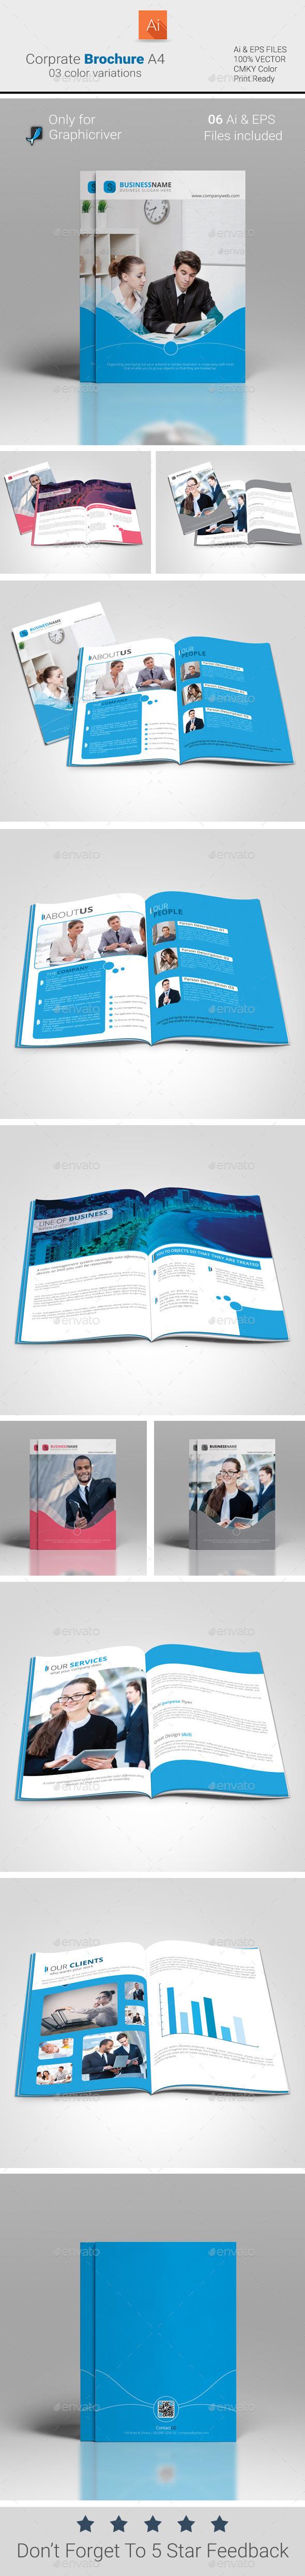 Corporate Brochure A4 - Corporate Brochures